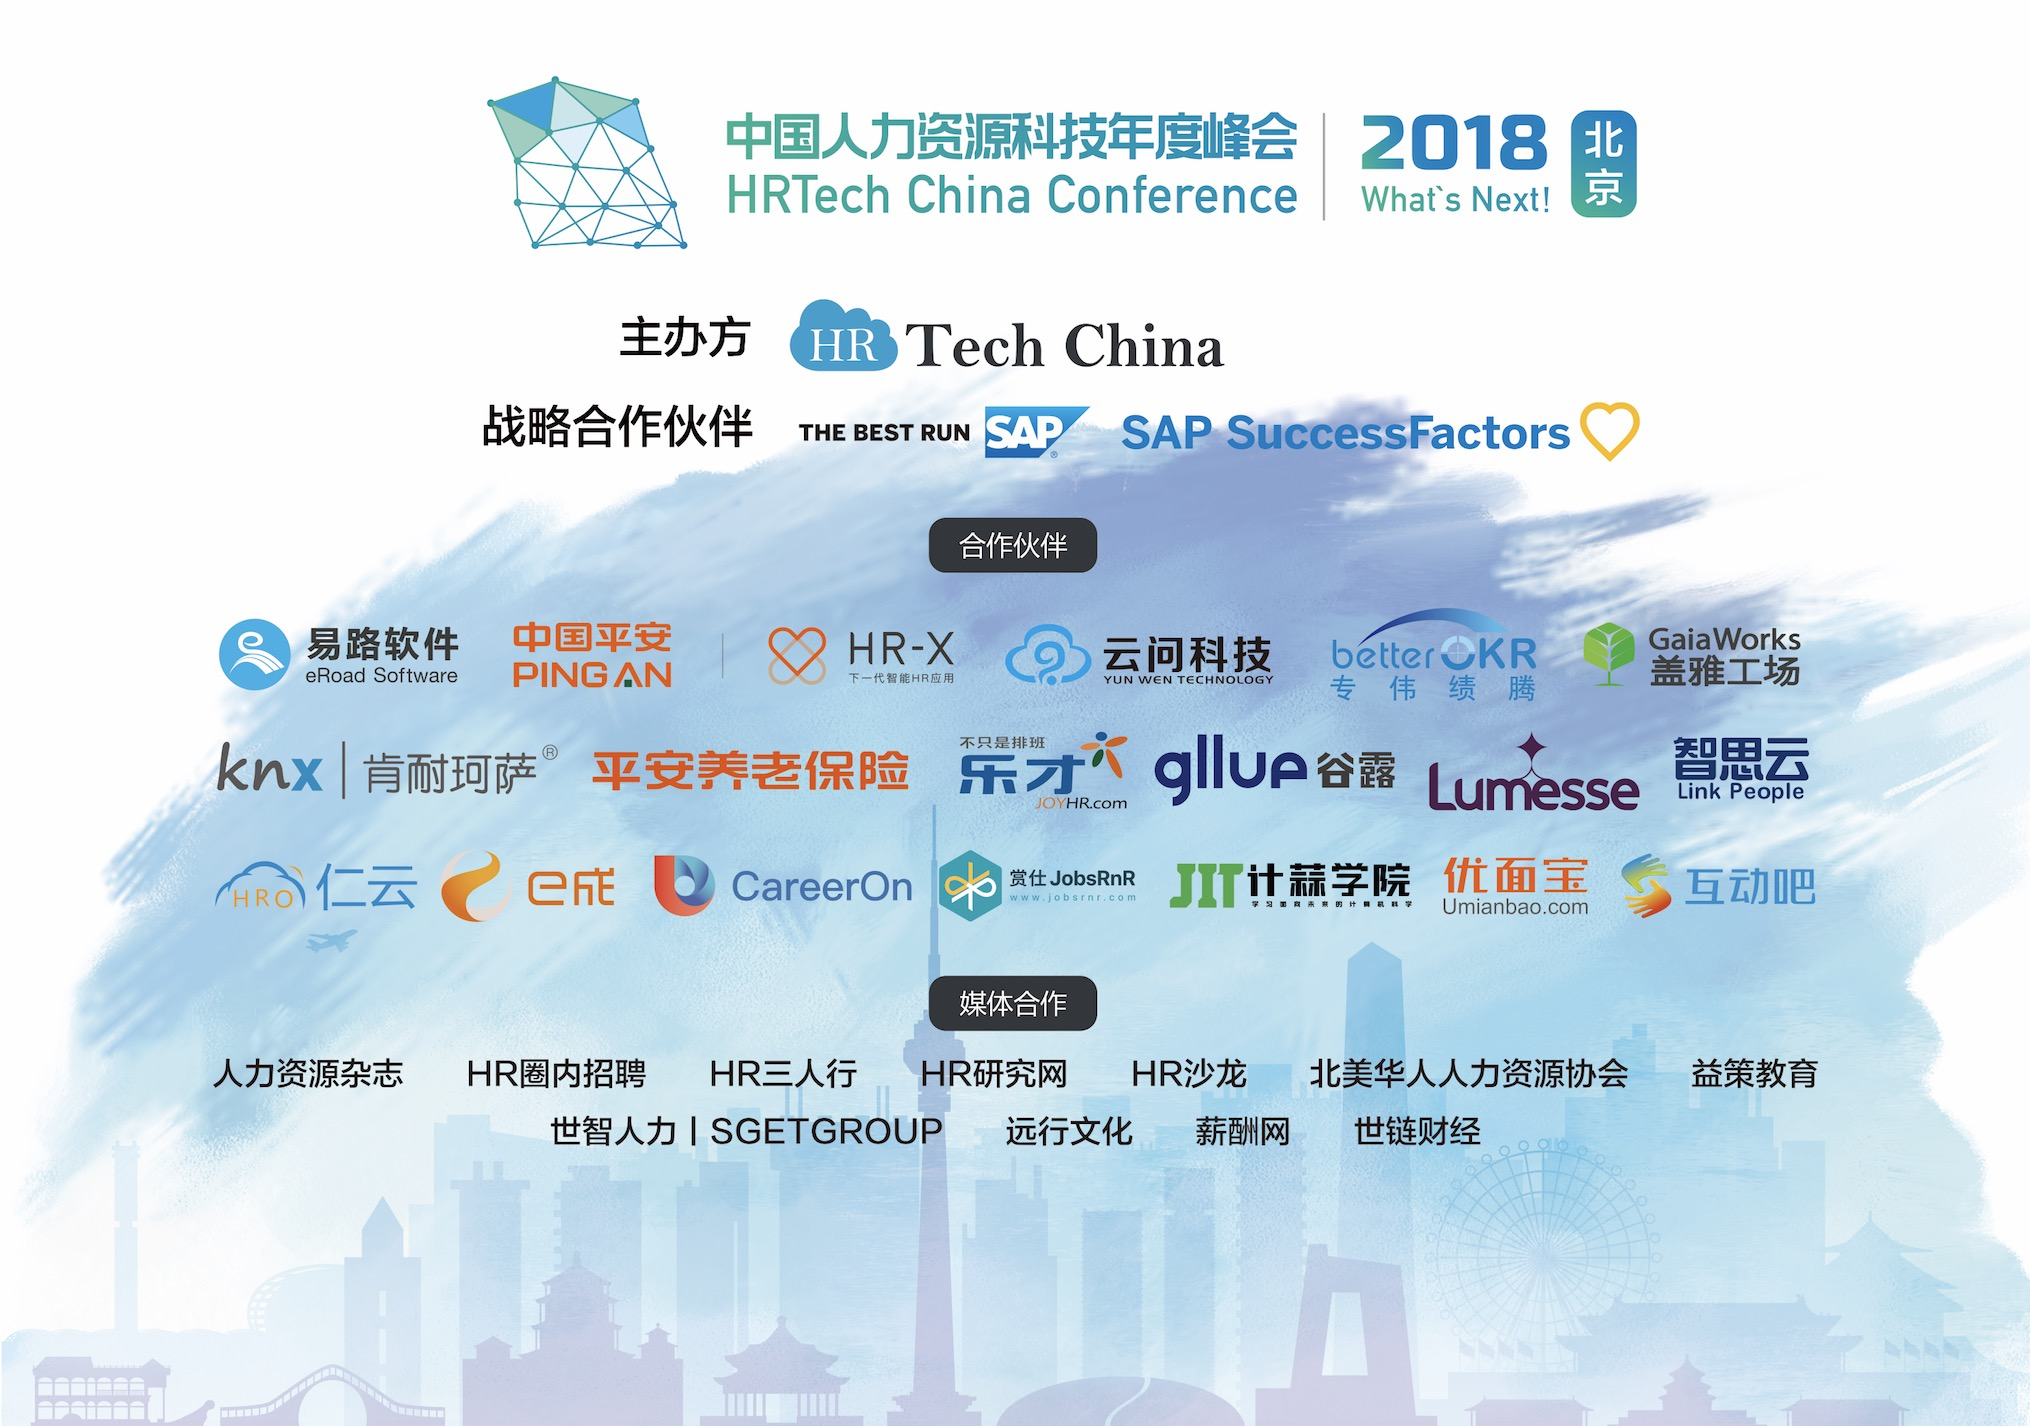 2018中国人力资源科技年度峰会在北京金茂万丽酒店成功举办,超过千人莅临现场,共话人力资源科技未来趋势